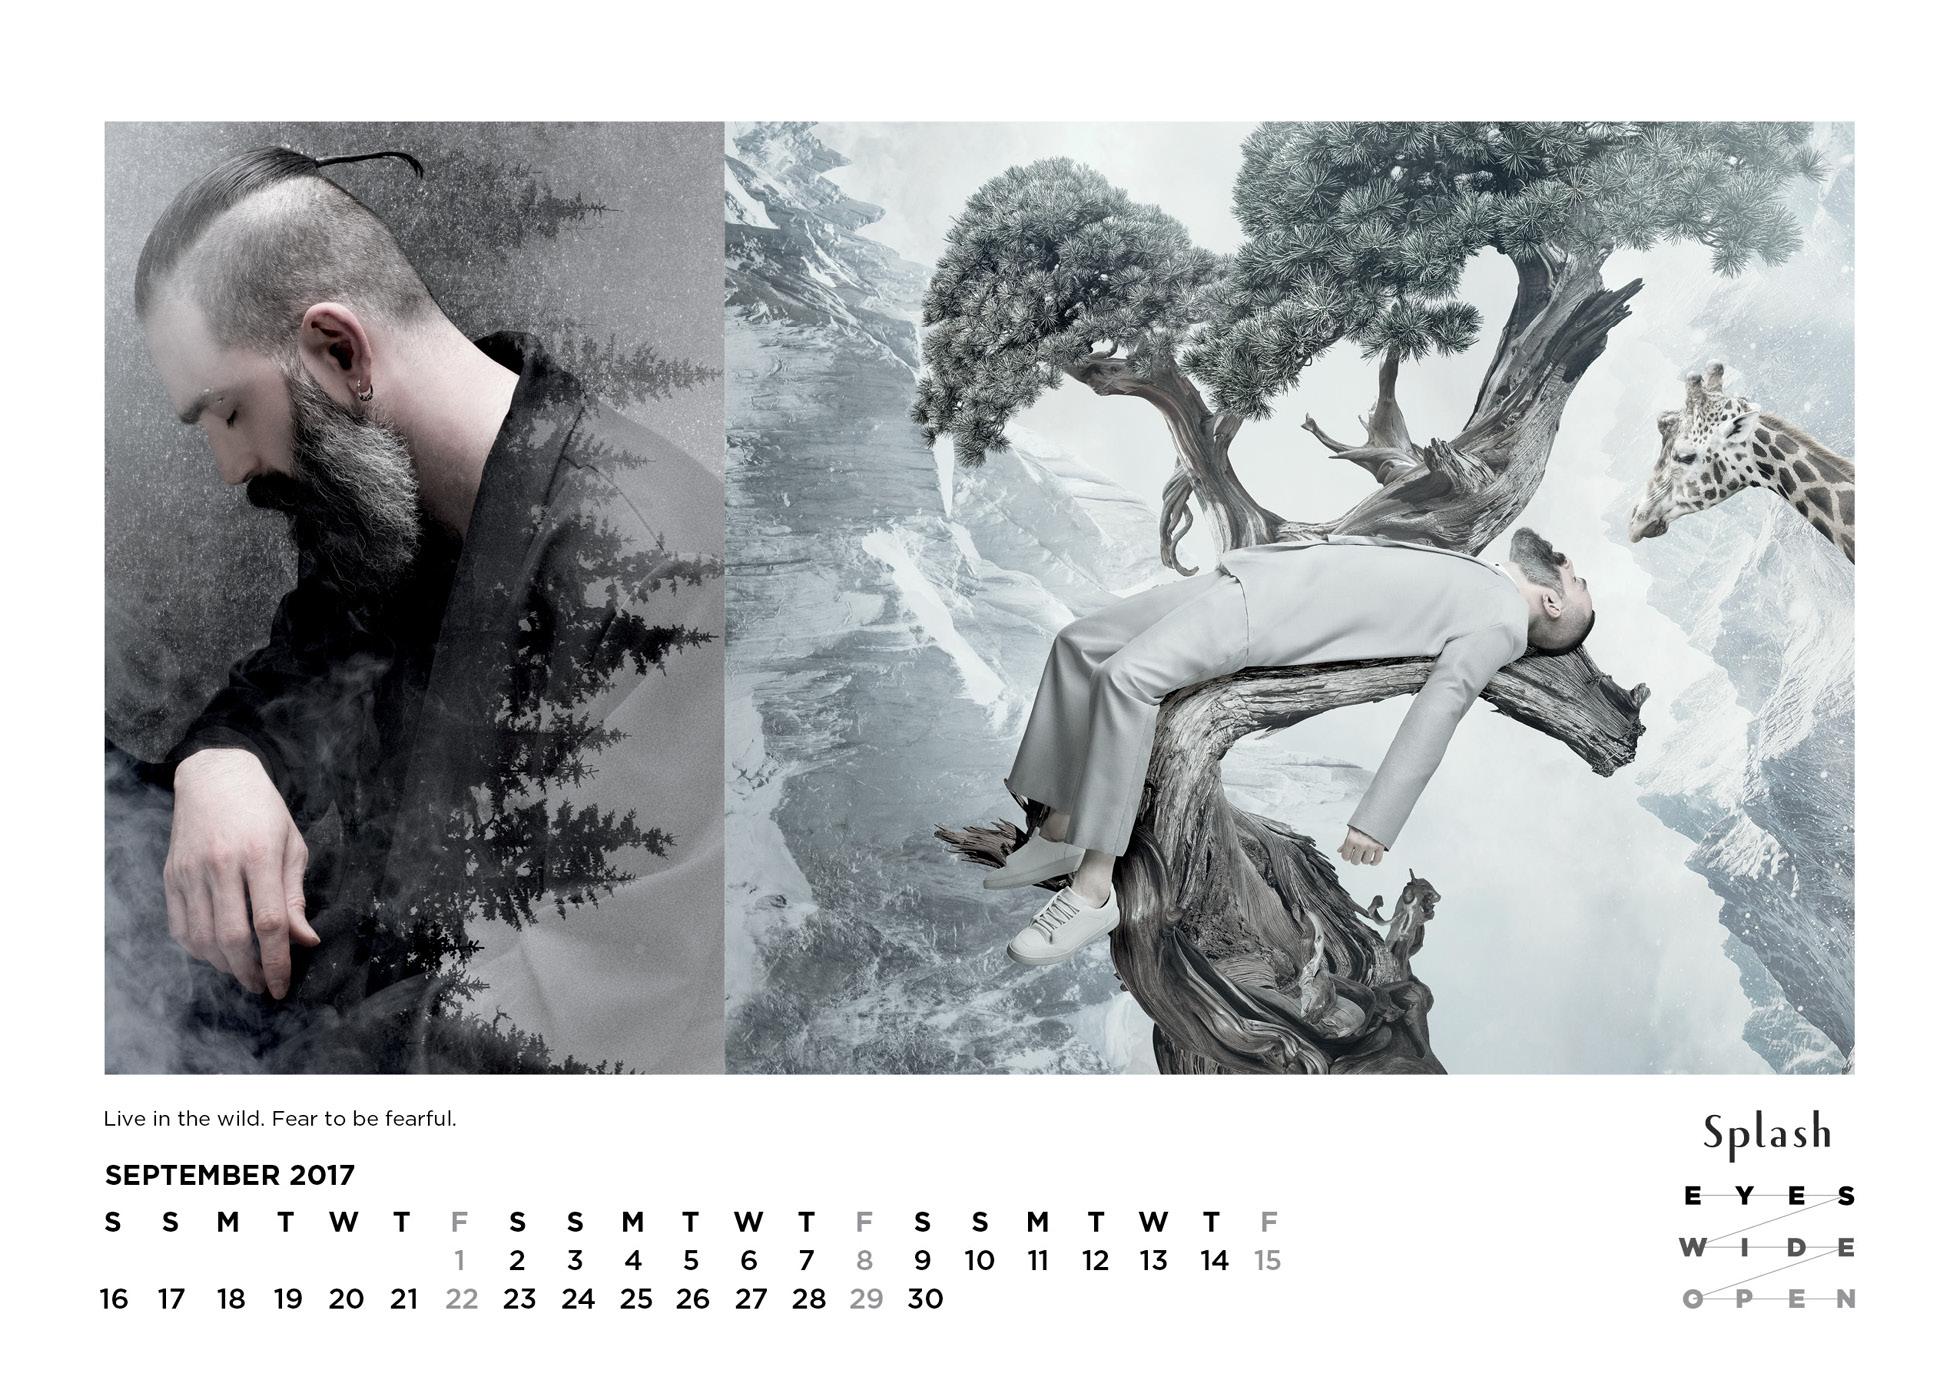 Splash Calendar 2017 - 1960 x 138620.jpg